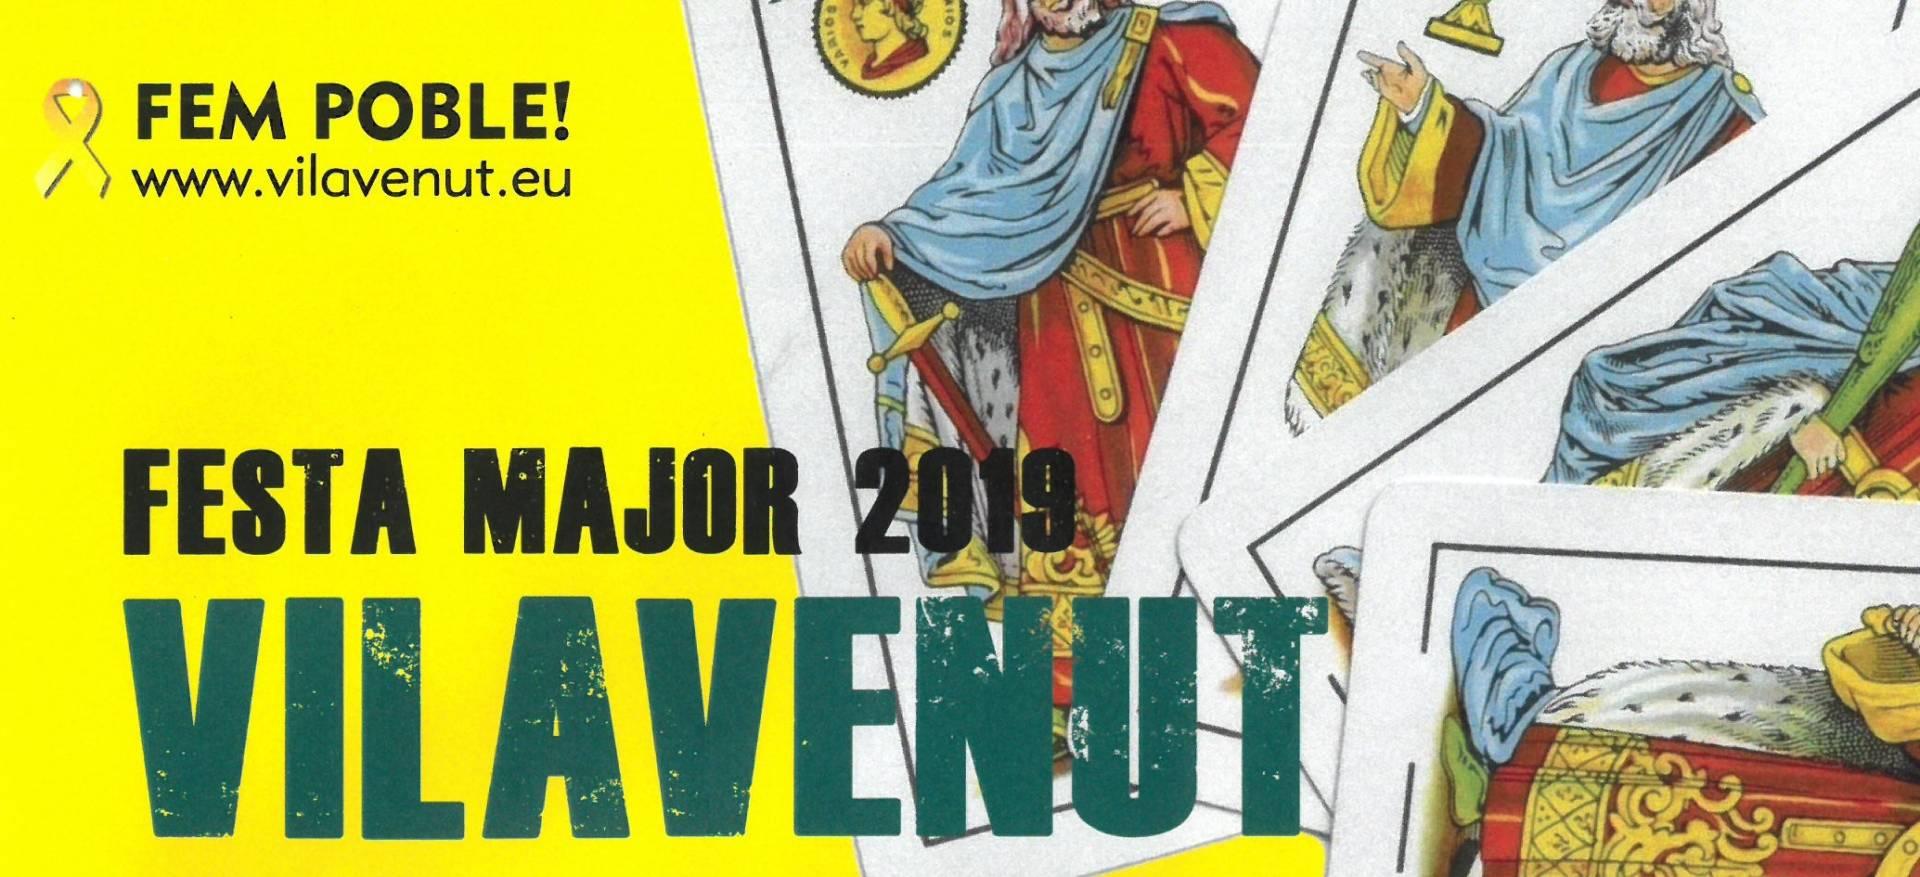 Festa major de Vilavenut, Fontcoberta